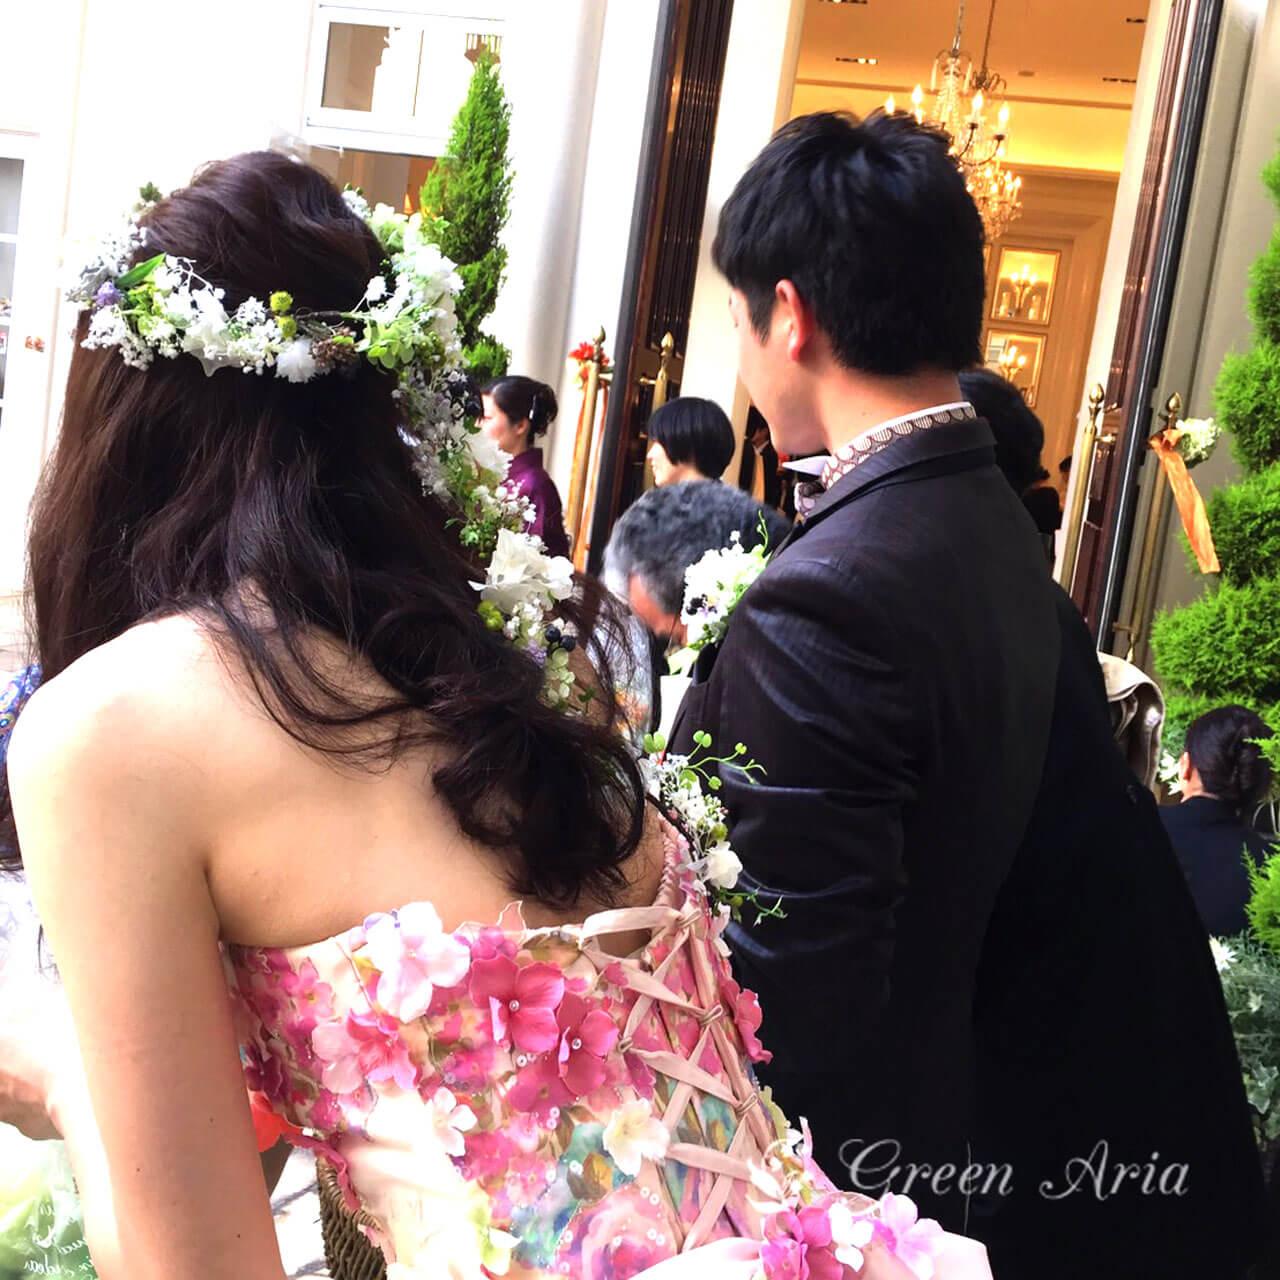 花柄のドレスにロングヘアーの新婦様のバックからの写真。白いかすみ草とグリーンやブルーの実の花冠。垂れ下がる花や実がとっともなちゅらるとってもナチュラル可愛い。